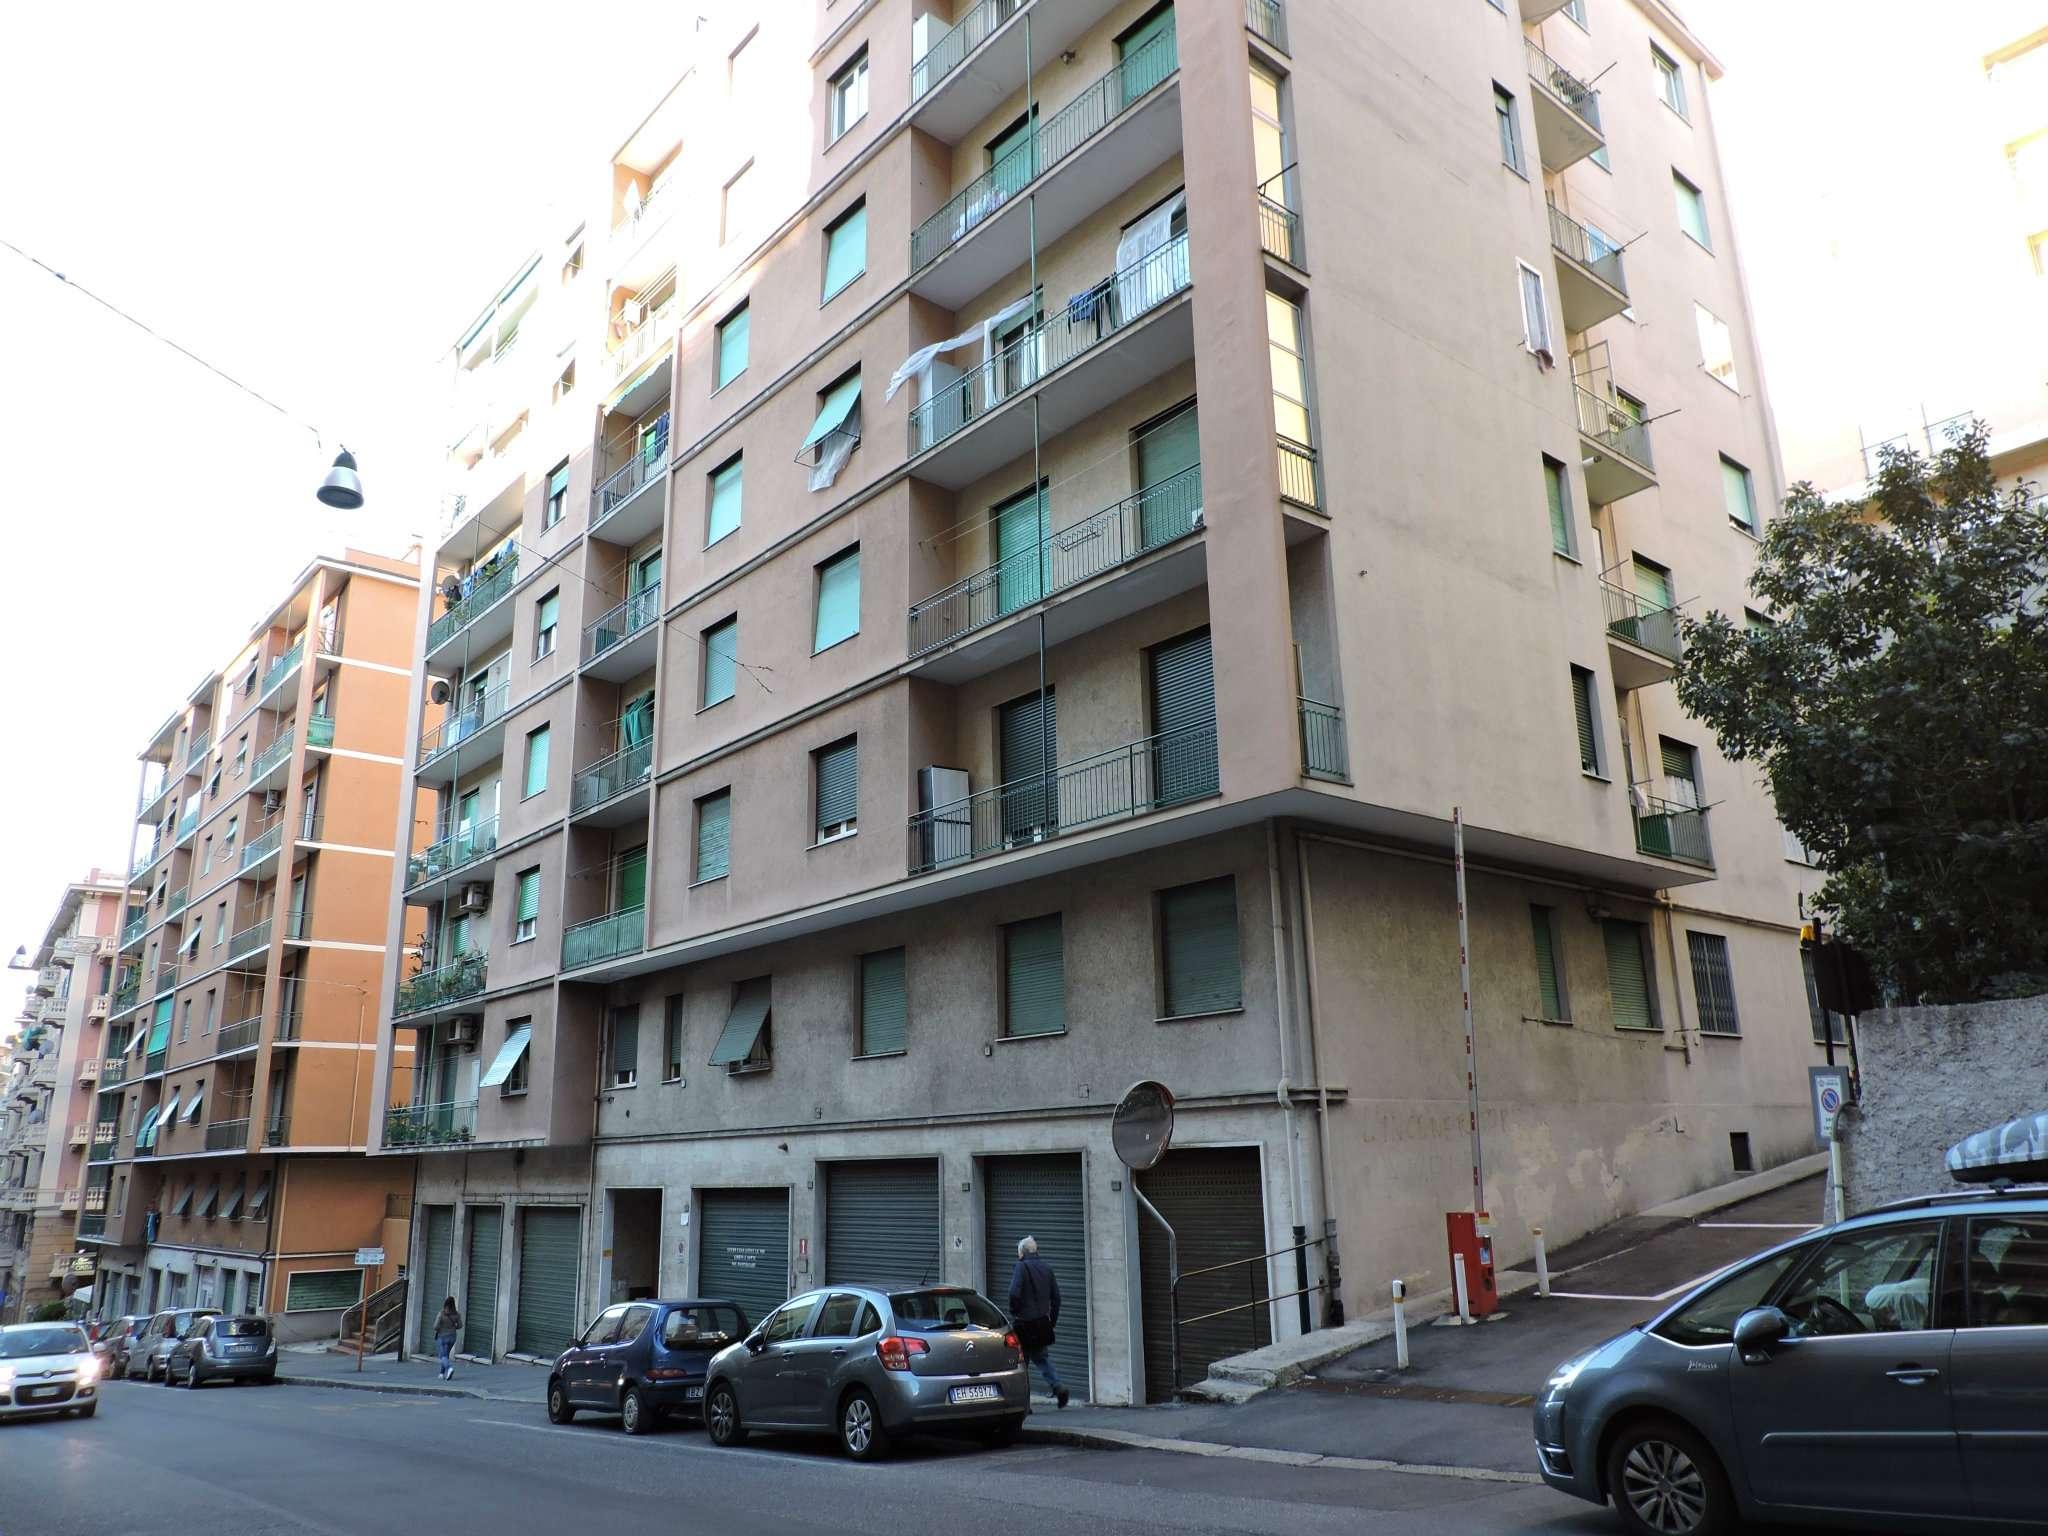 Bilocale Genova Corso Luigi Andrea Martinetti 1